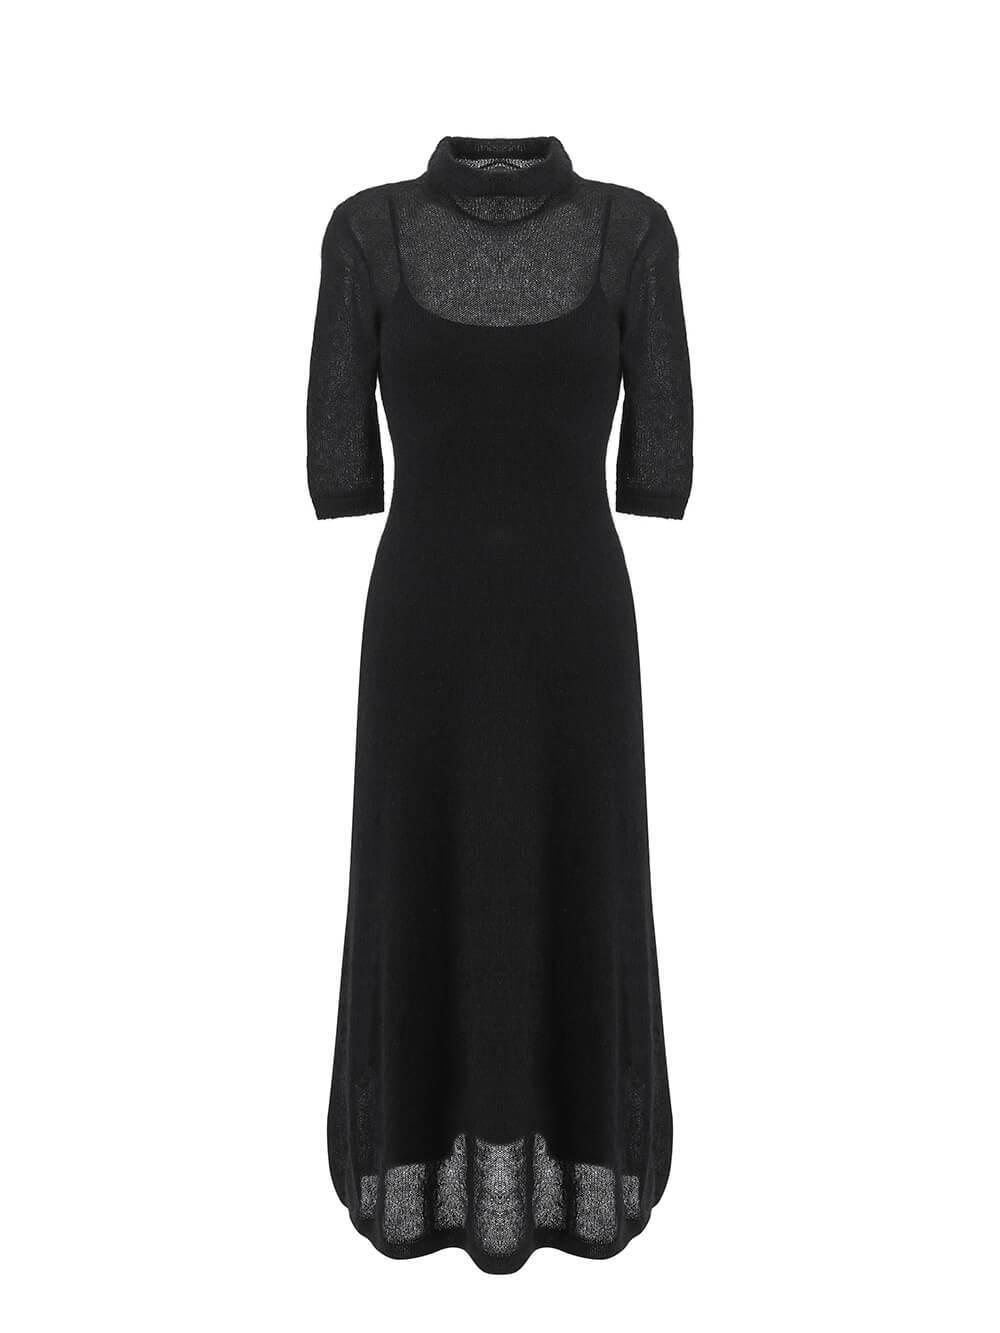 Женское черное платье миди с длинным рукавом - фото 1